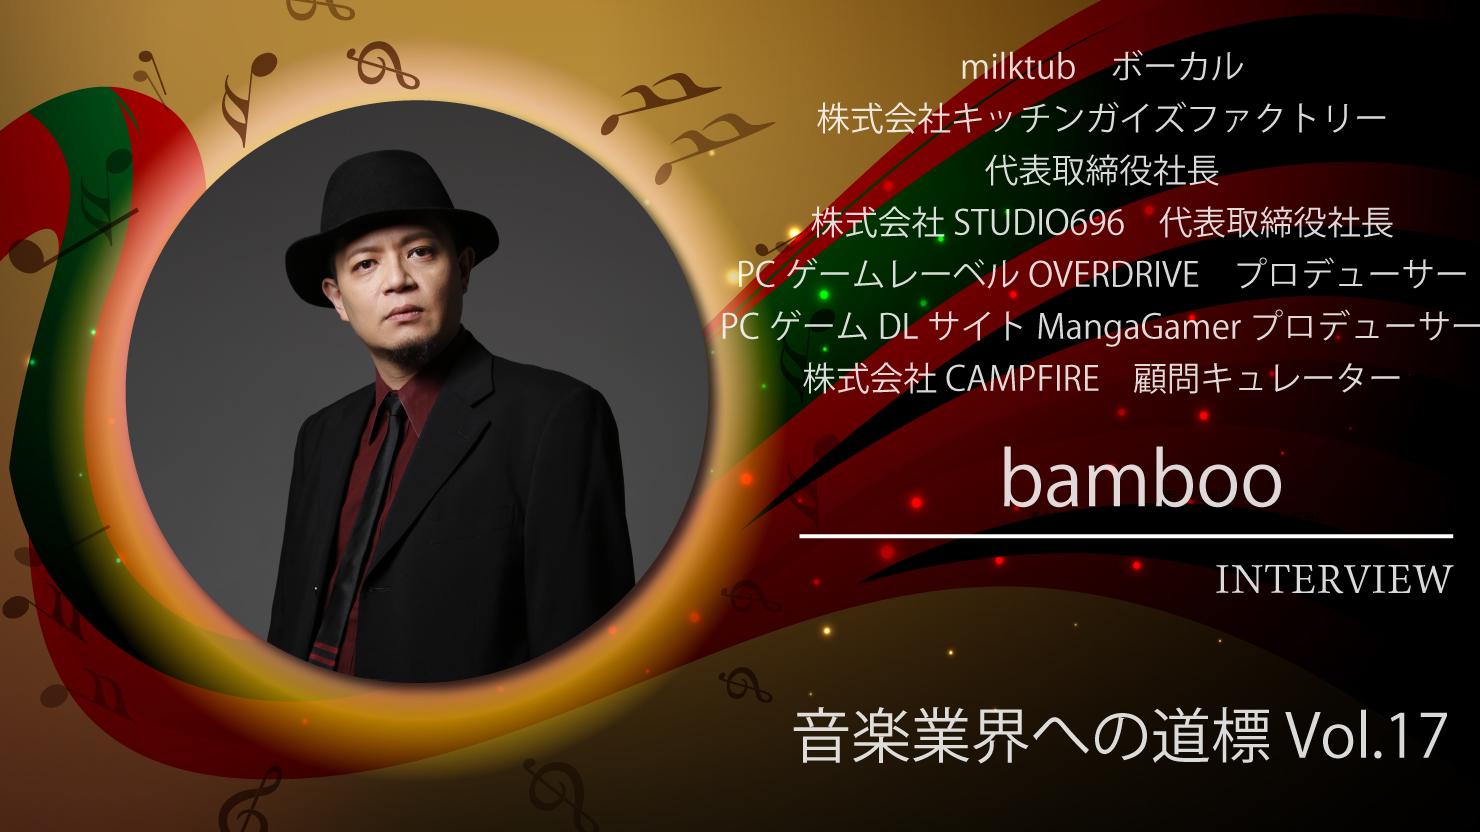 bamboo_top2